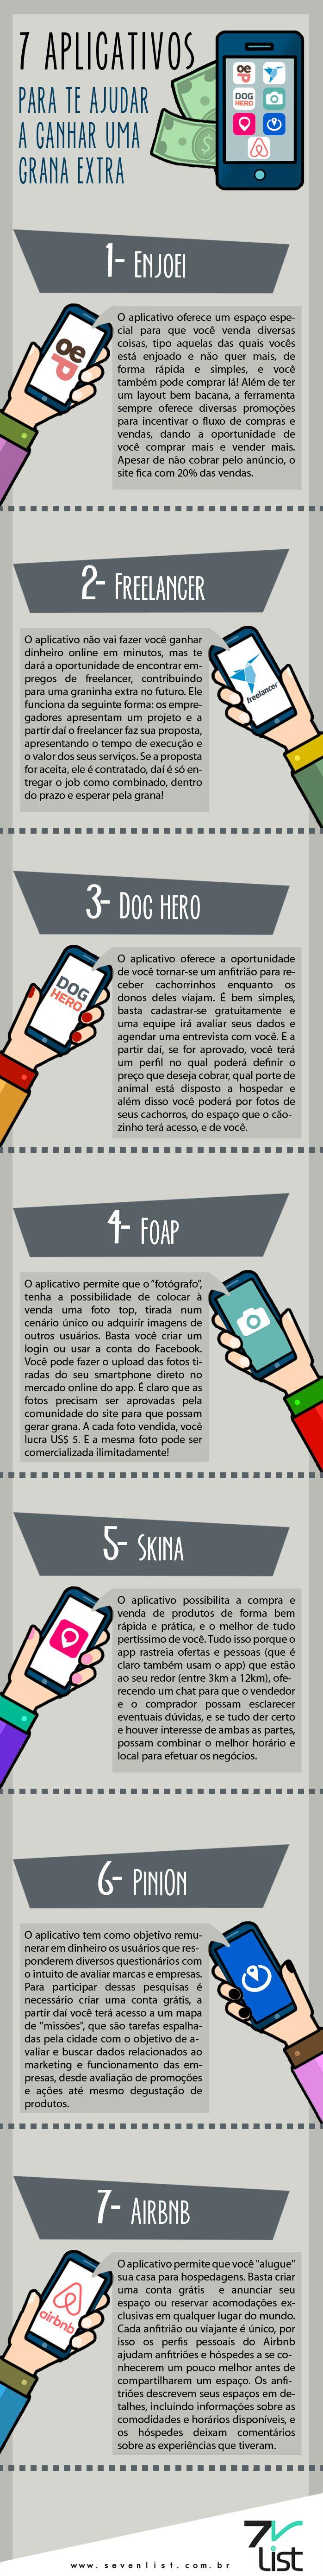 #infográfico #infographic #design #aplicativos #celular #smartphone #ganhar #dinheiro #grana #extra #renda #salário #enjoei #freelancer #doghero #foap #skina #pinion #airbnb #ganhardinheiro #economizar www.sevenlist.com.br